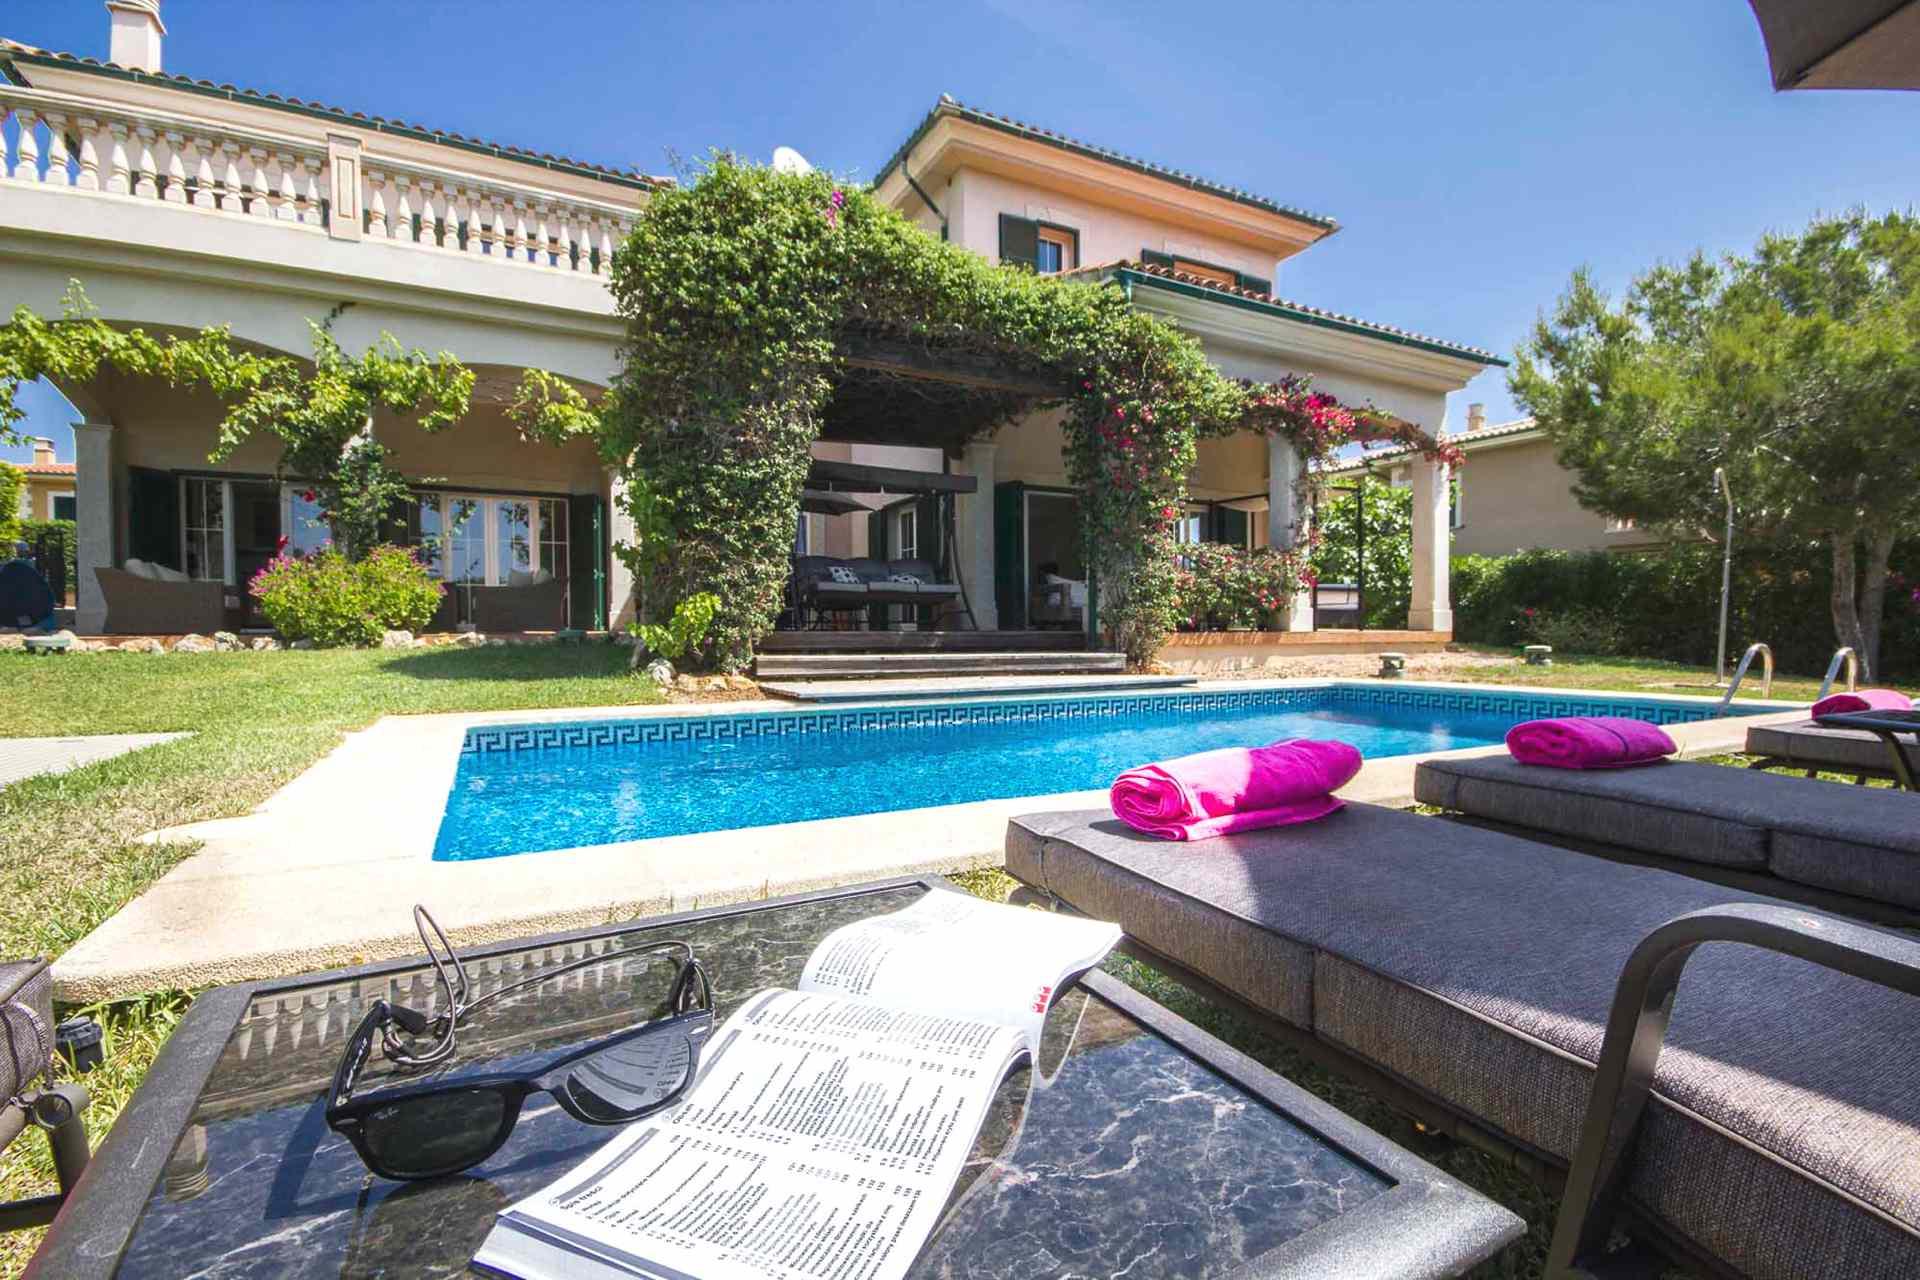 01-302 hübsches Ferienhaus Mallorca Südwesten Bild 2